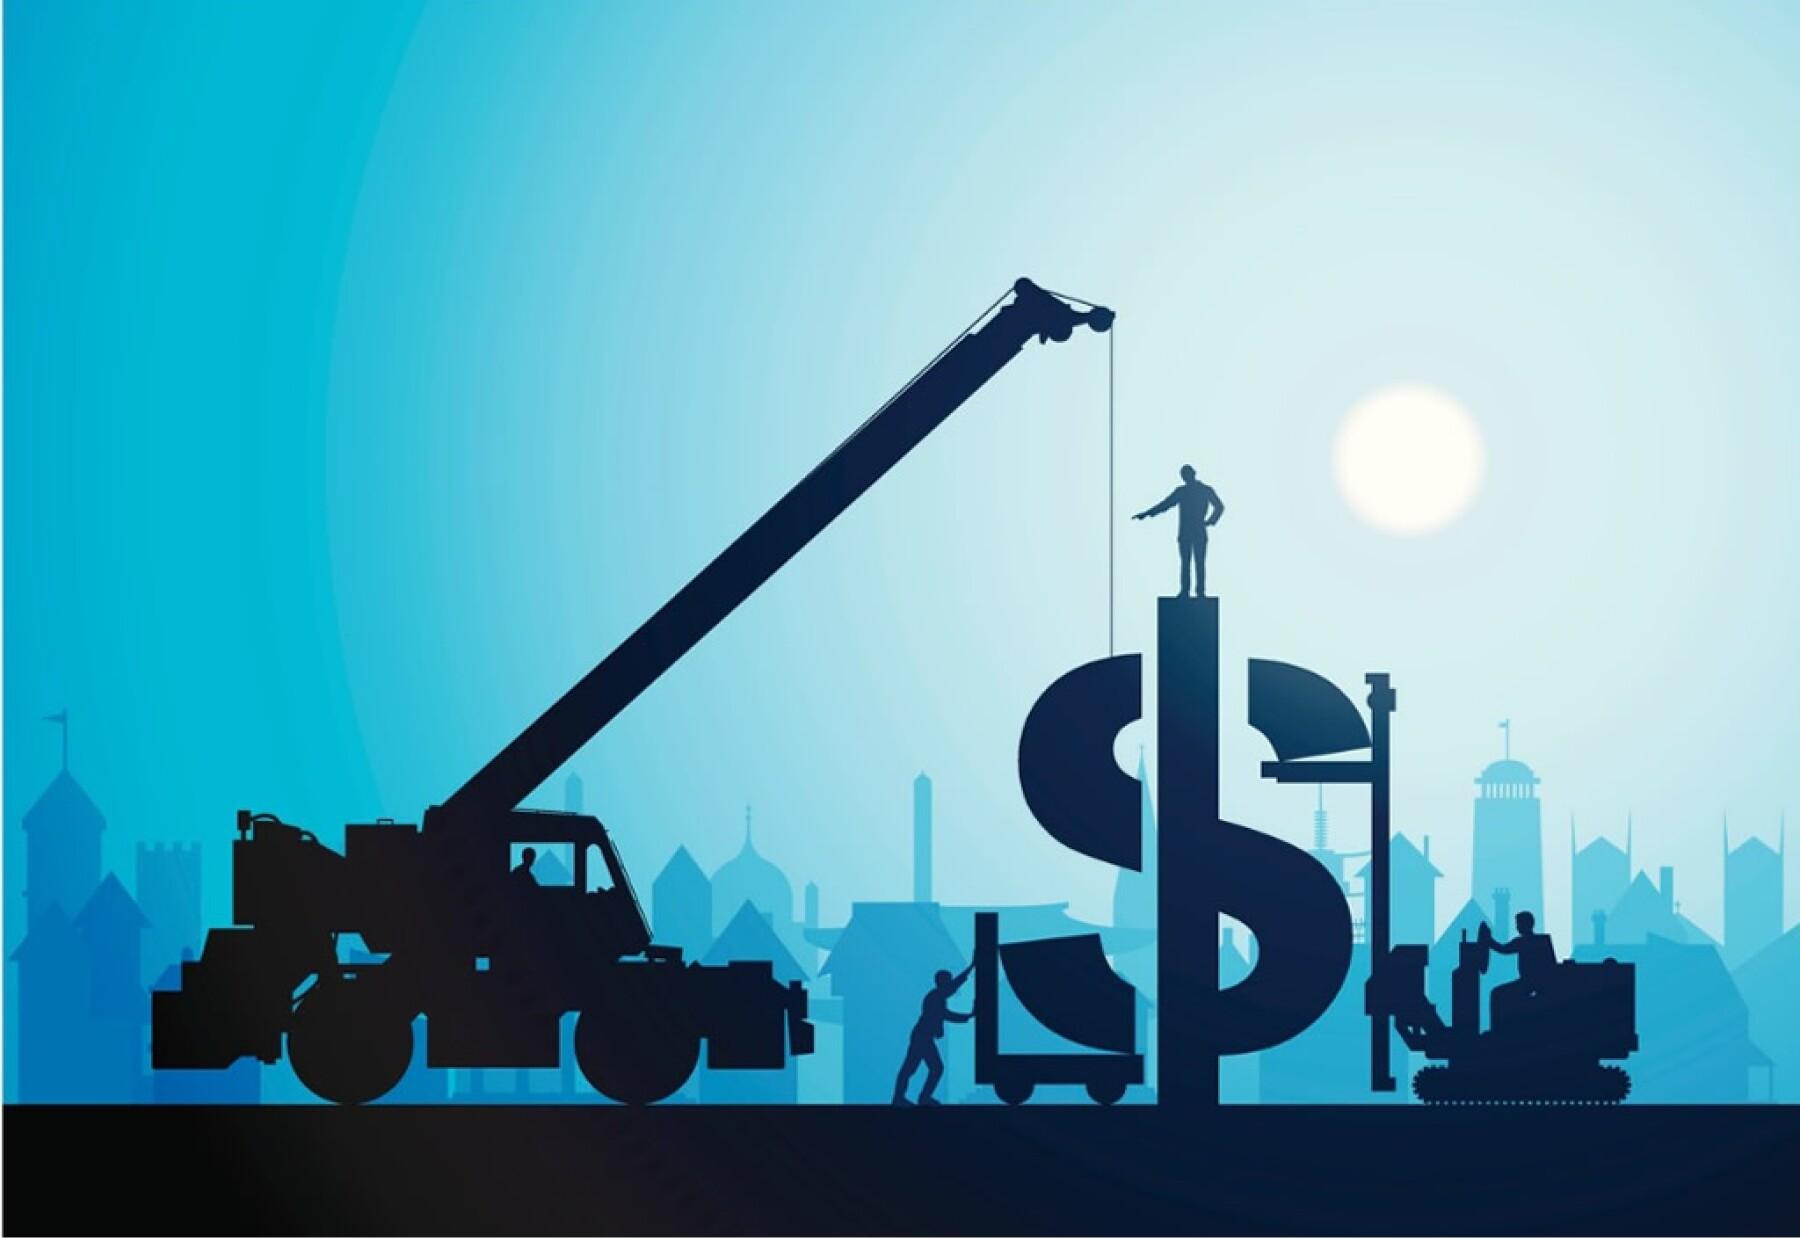 inversión - inversión fija bruta - plan nacional de infraestructura